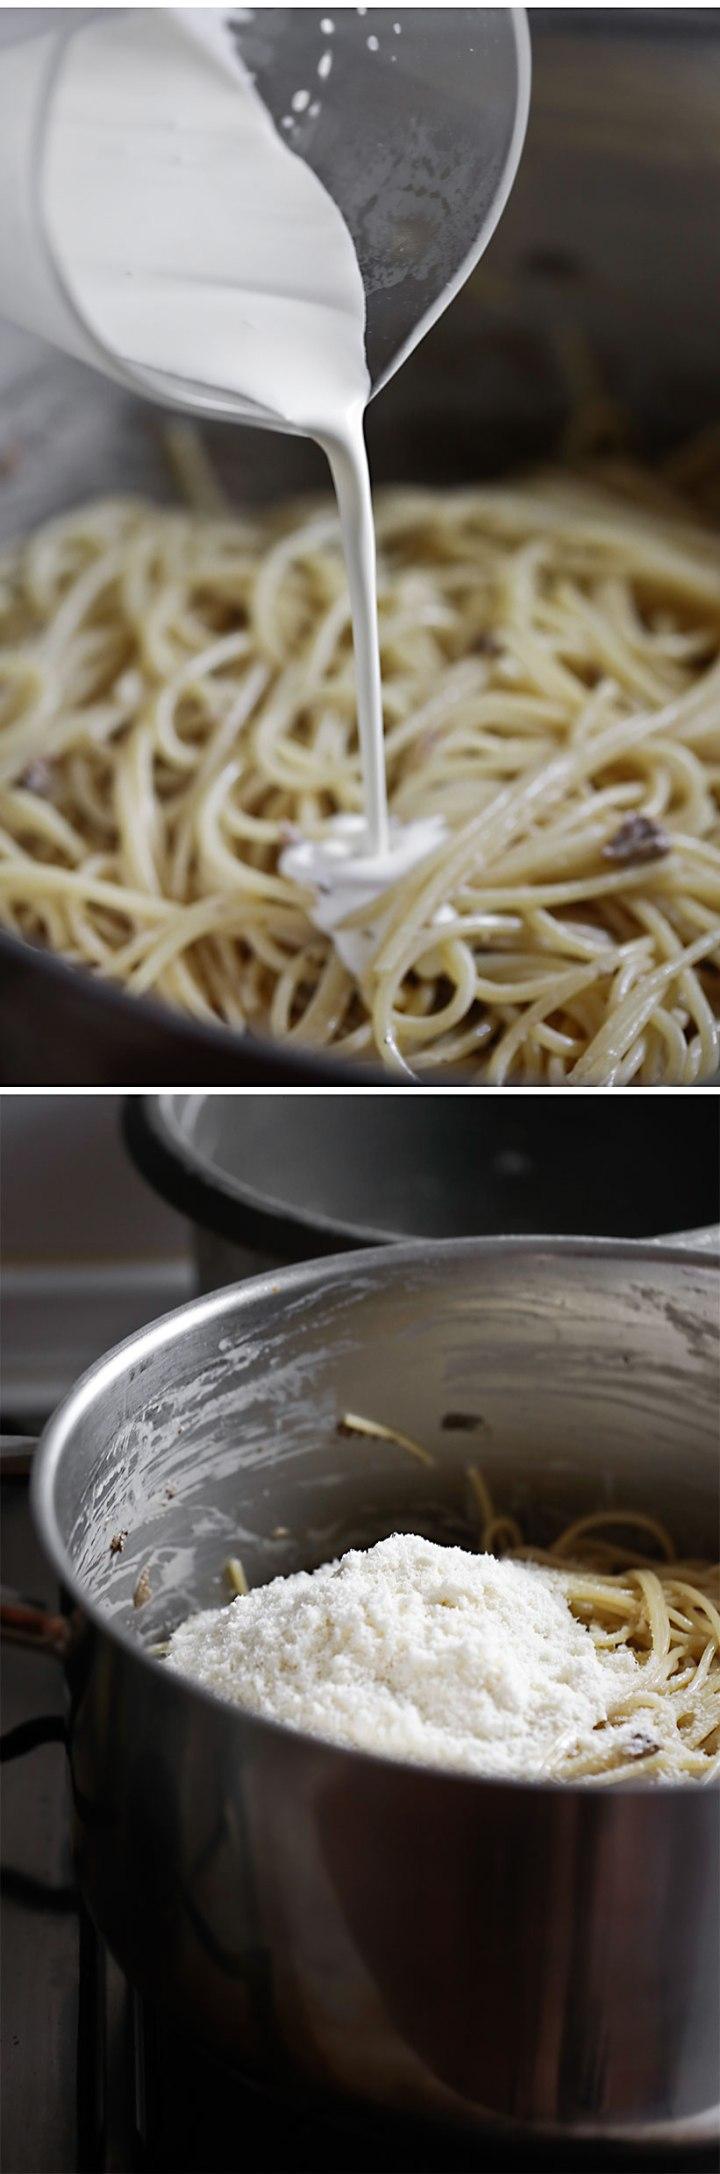 Receta espagueti con nata y Boletus edulis